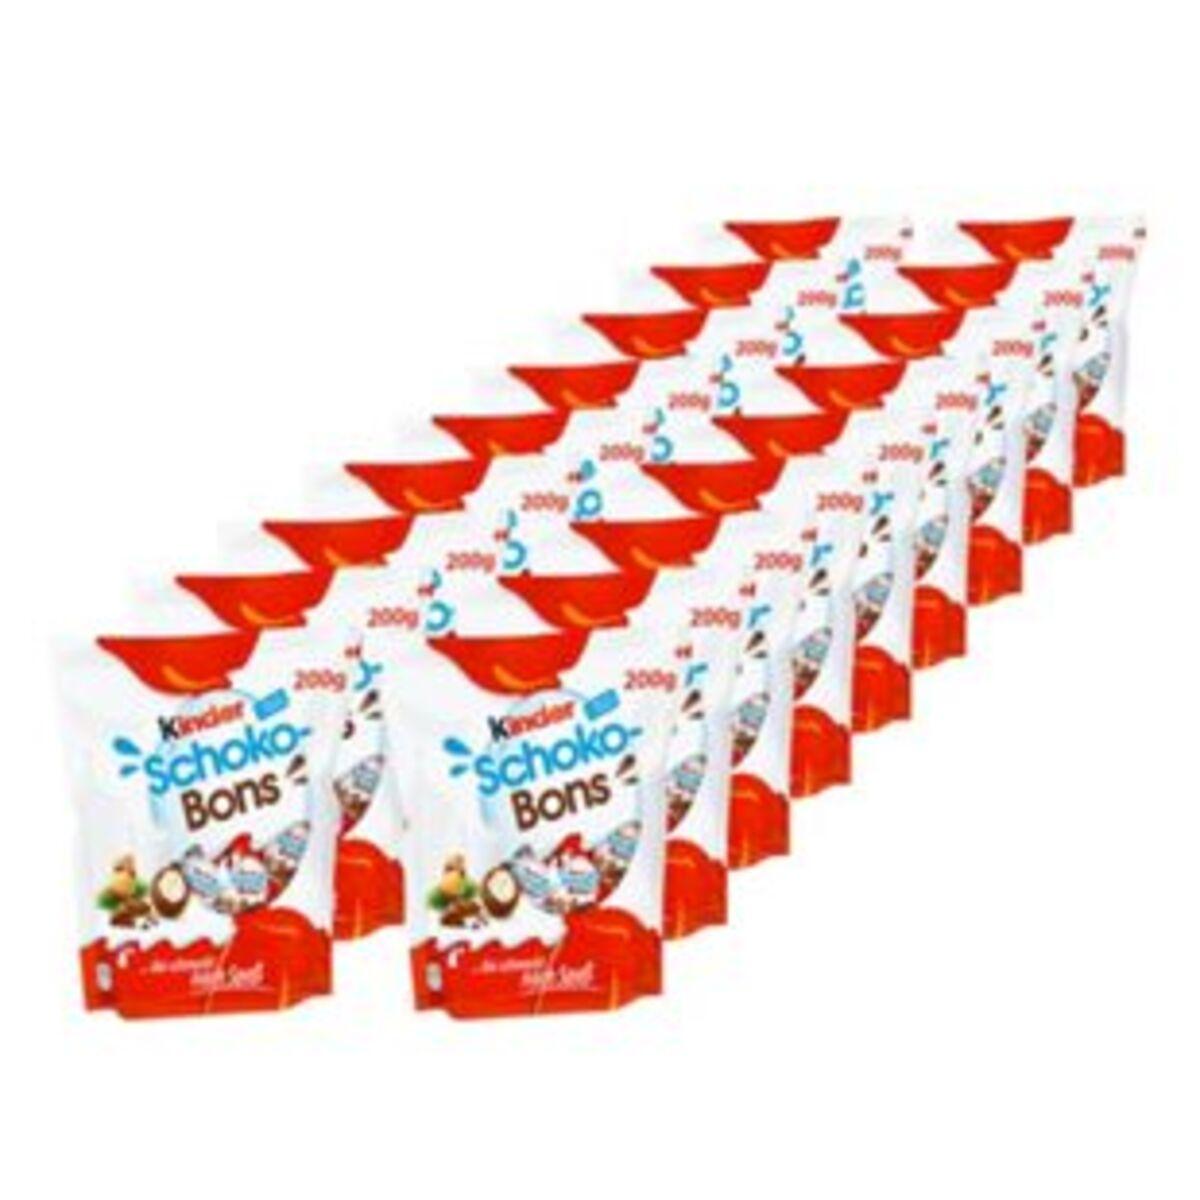 Bild 2 von Ferrero Kinder Schokobons 200 g, 18er Pack